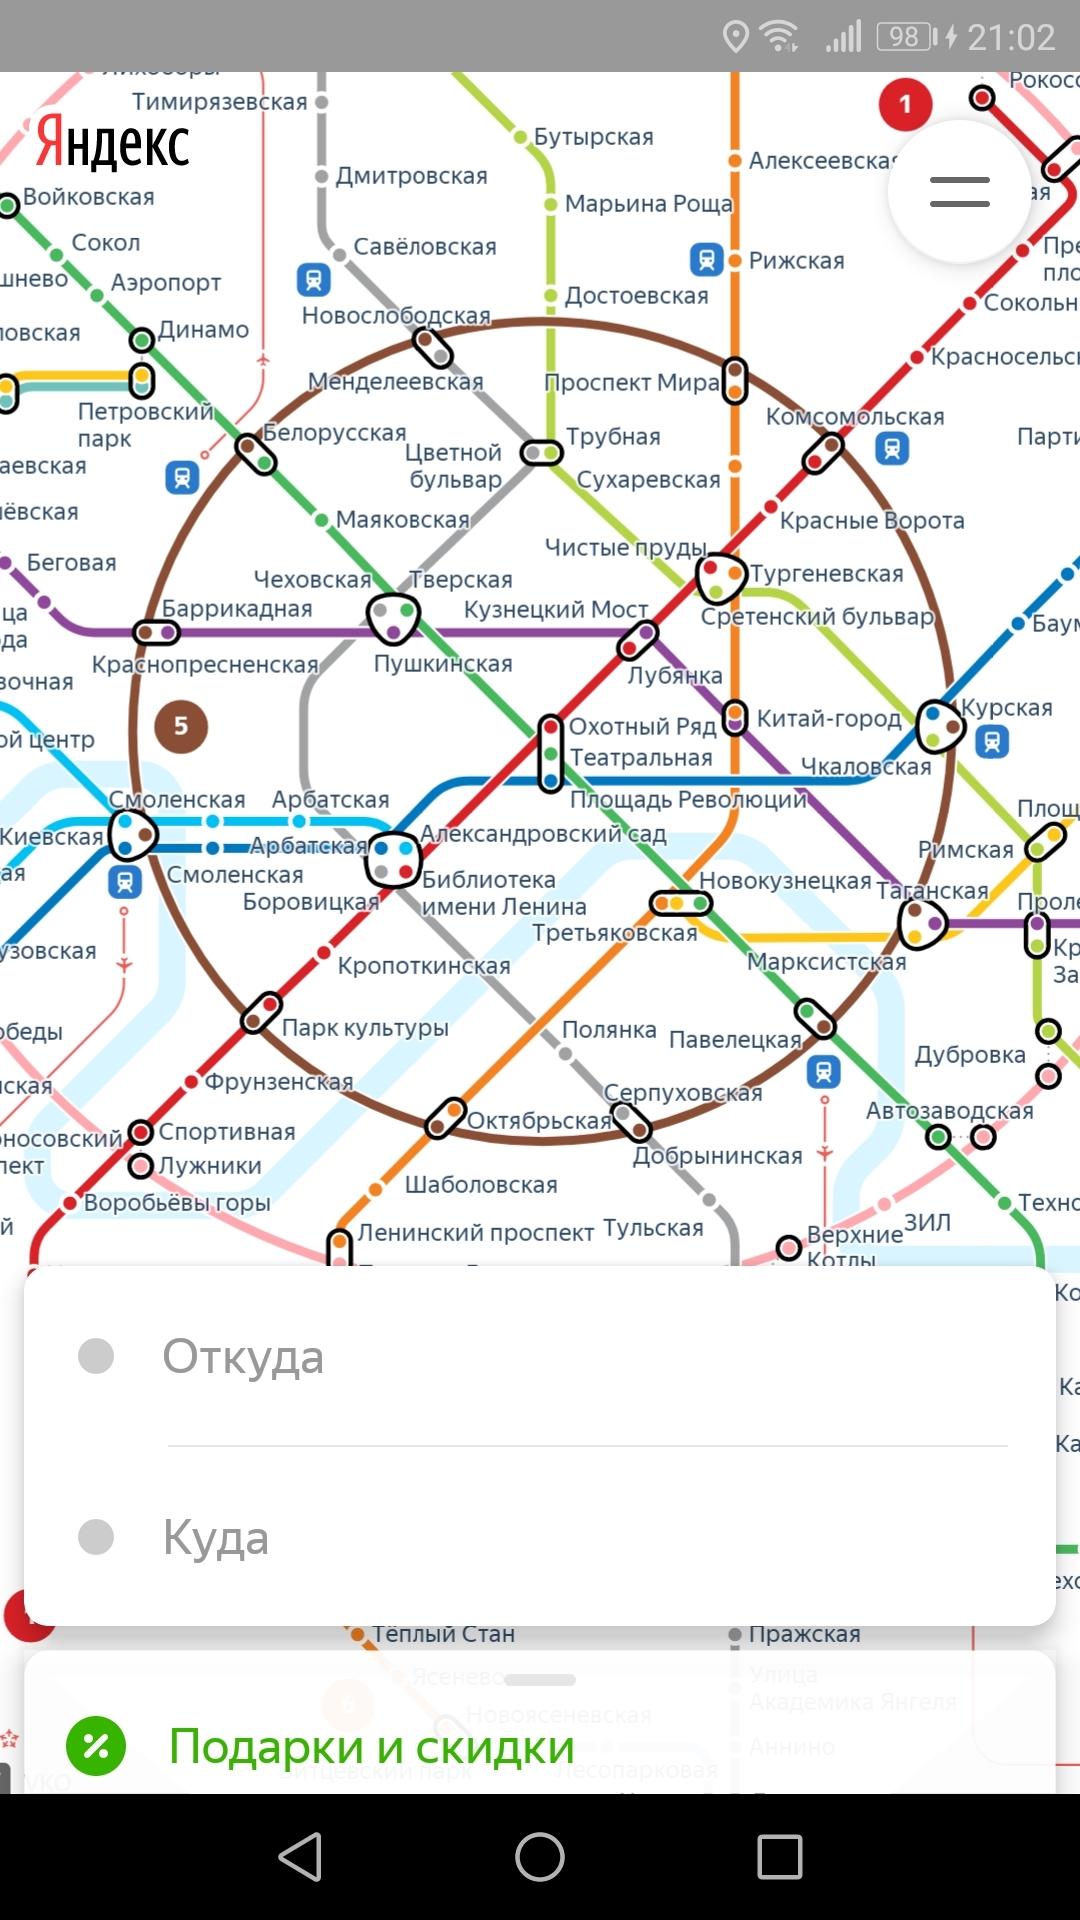 схема метро москвы с жд вокзалами и аэропортами